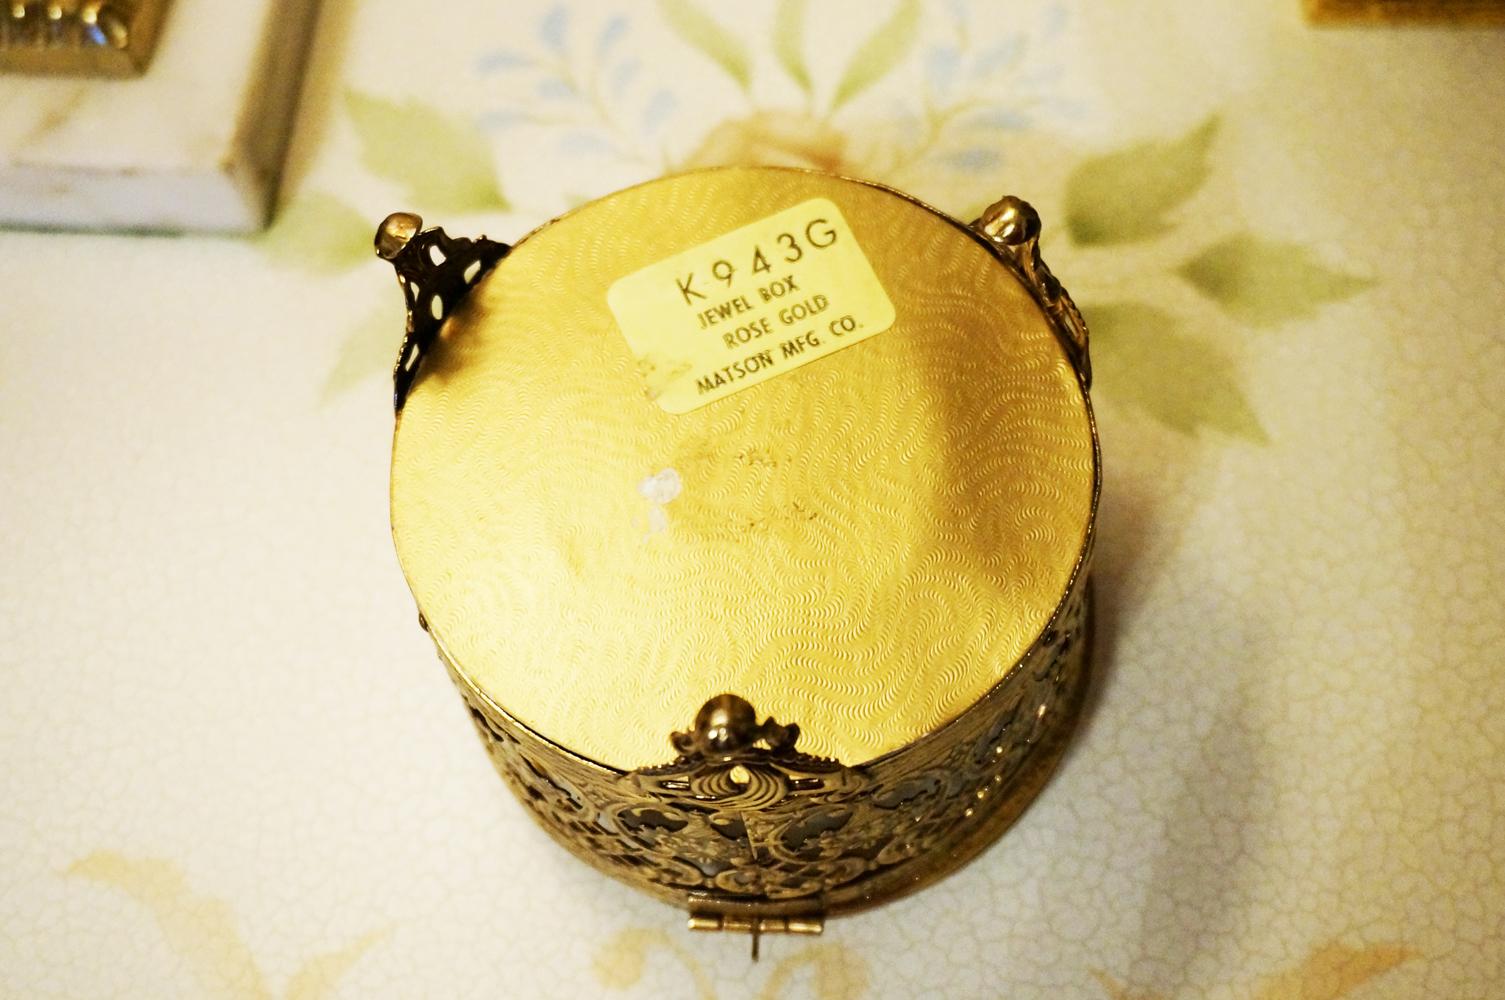 Sold: マトソン製 ゴールド ローズブーケ ジュエリーボックス 裏側